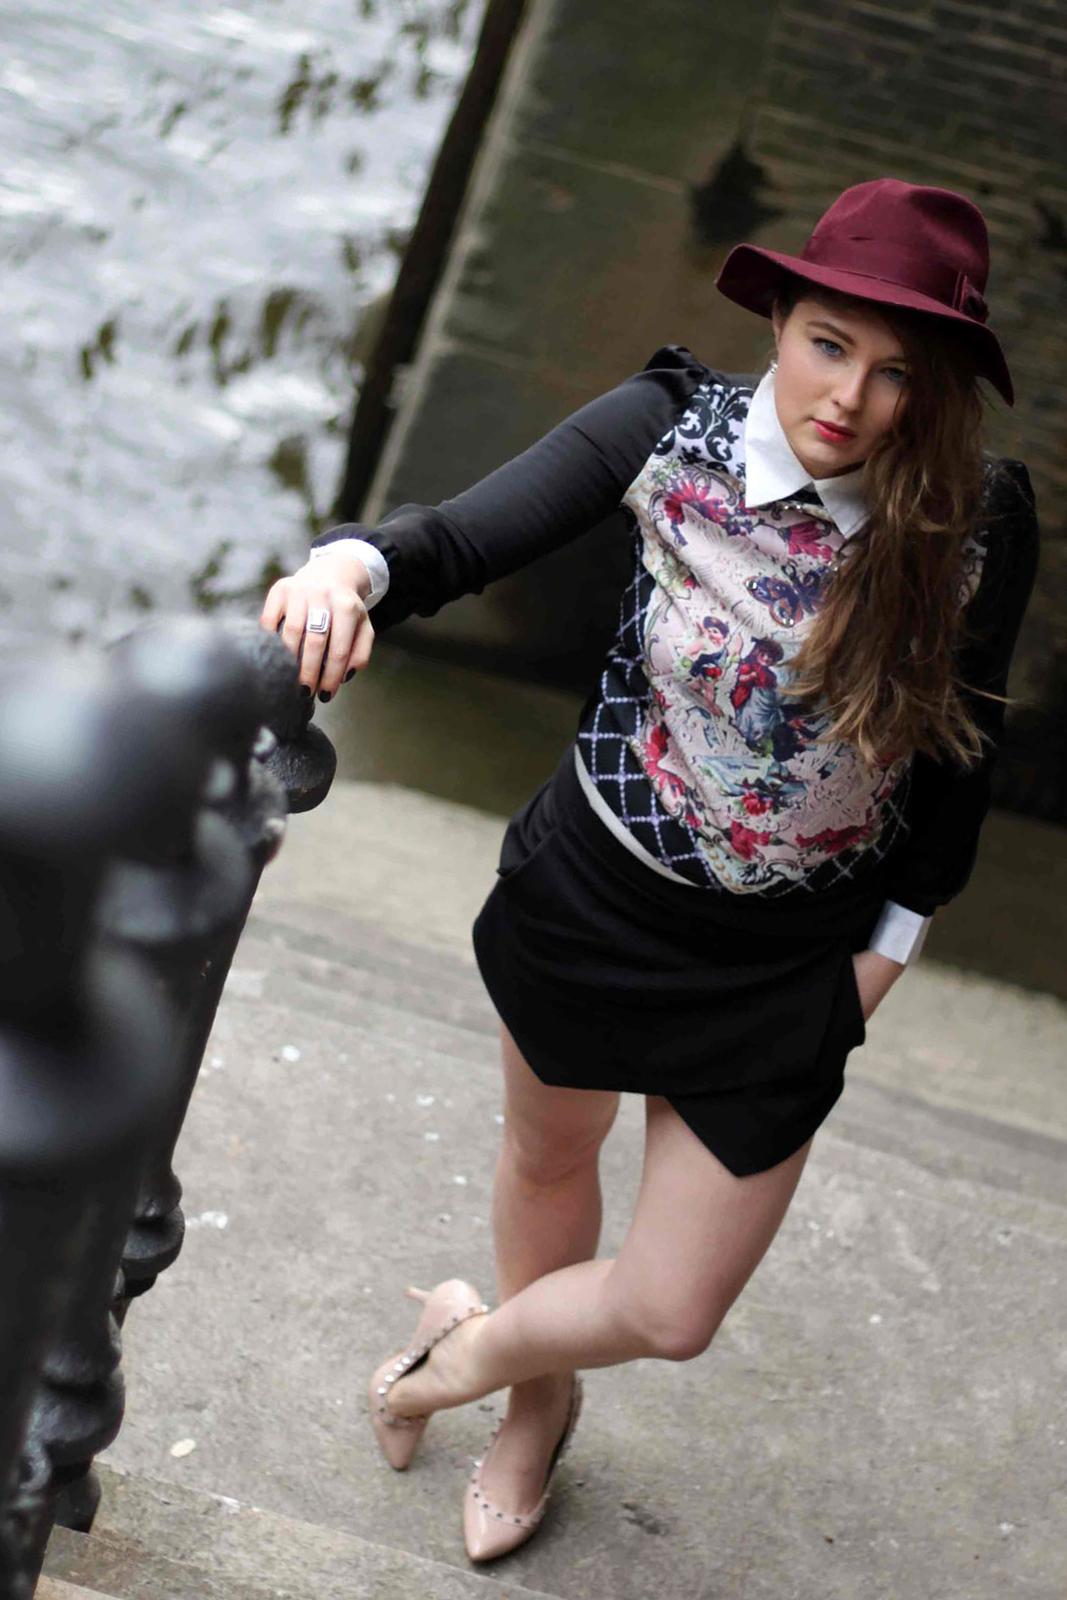 Lilac floppy hat, Hut, black Zara skort, schwarze skorts, Barock shirt, beste deutsche Modeblogger, best germantrend, 2013, fashion blogger, nude stud steve madden, hamburg, germany, harbor,